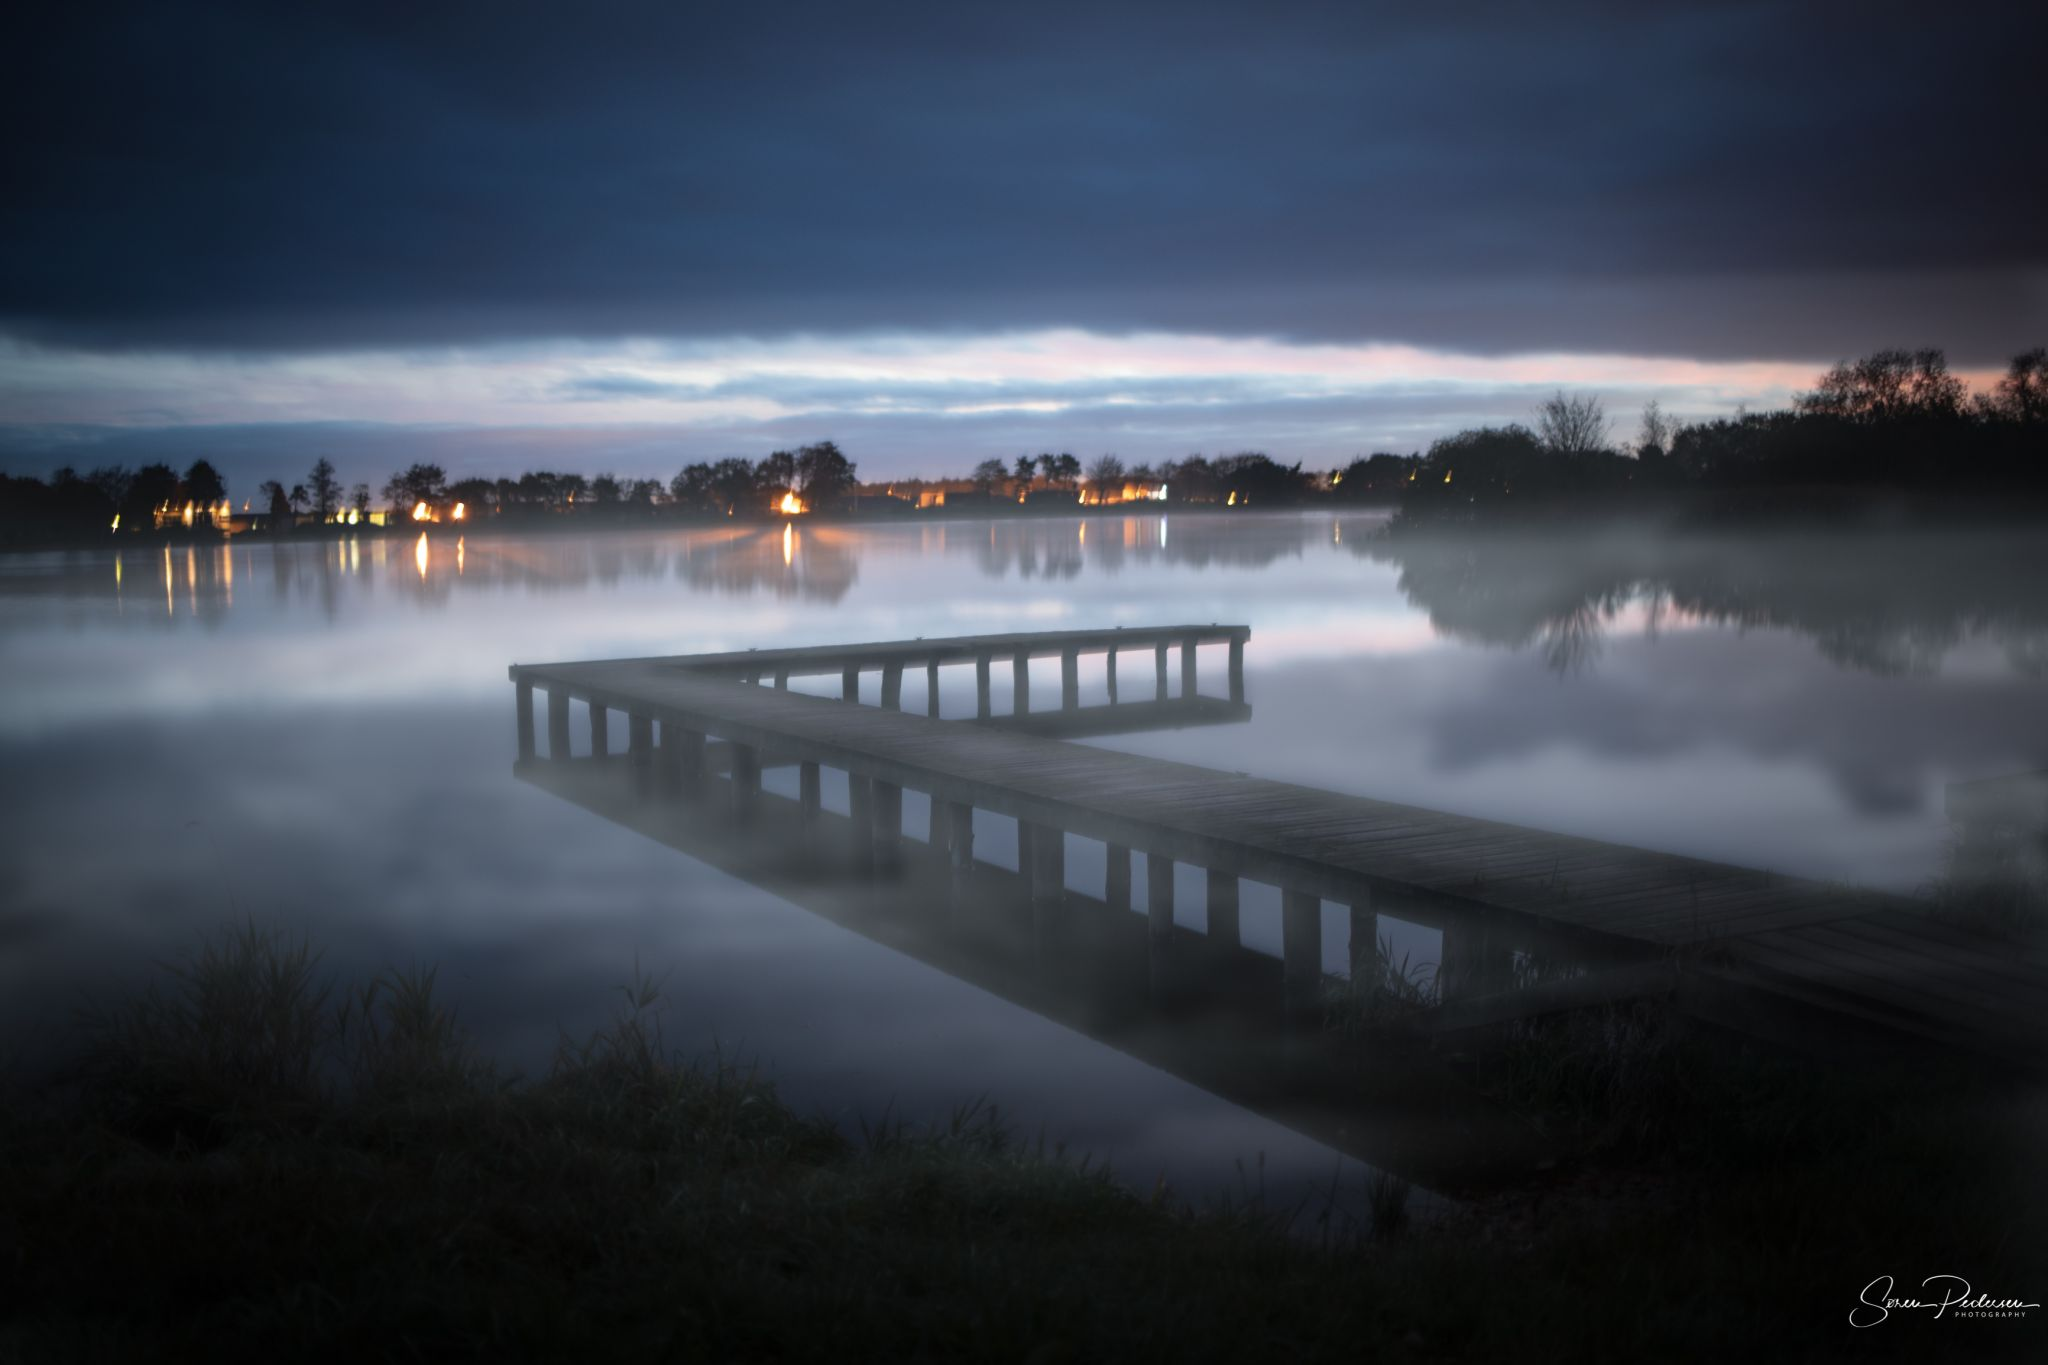 Engsøen, Denmark